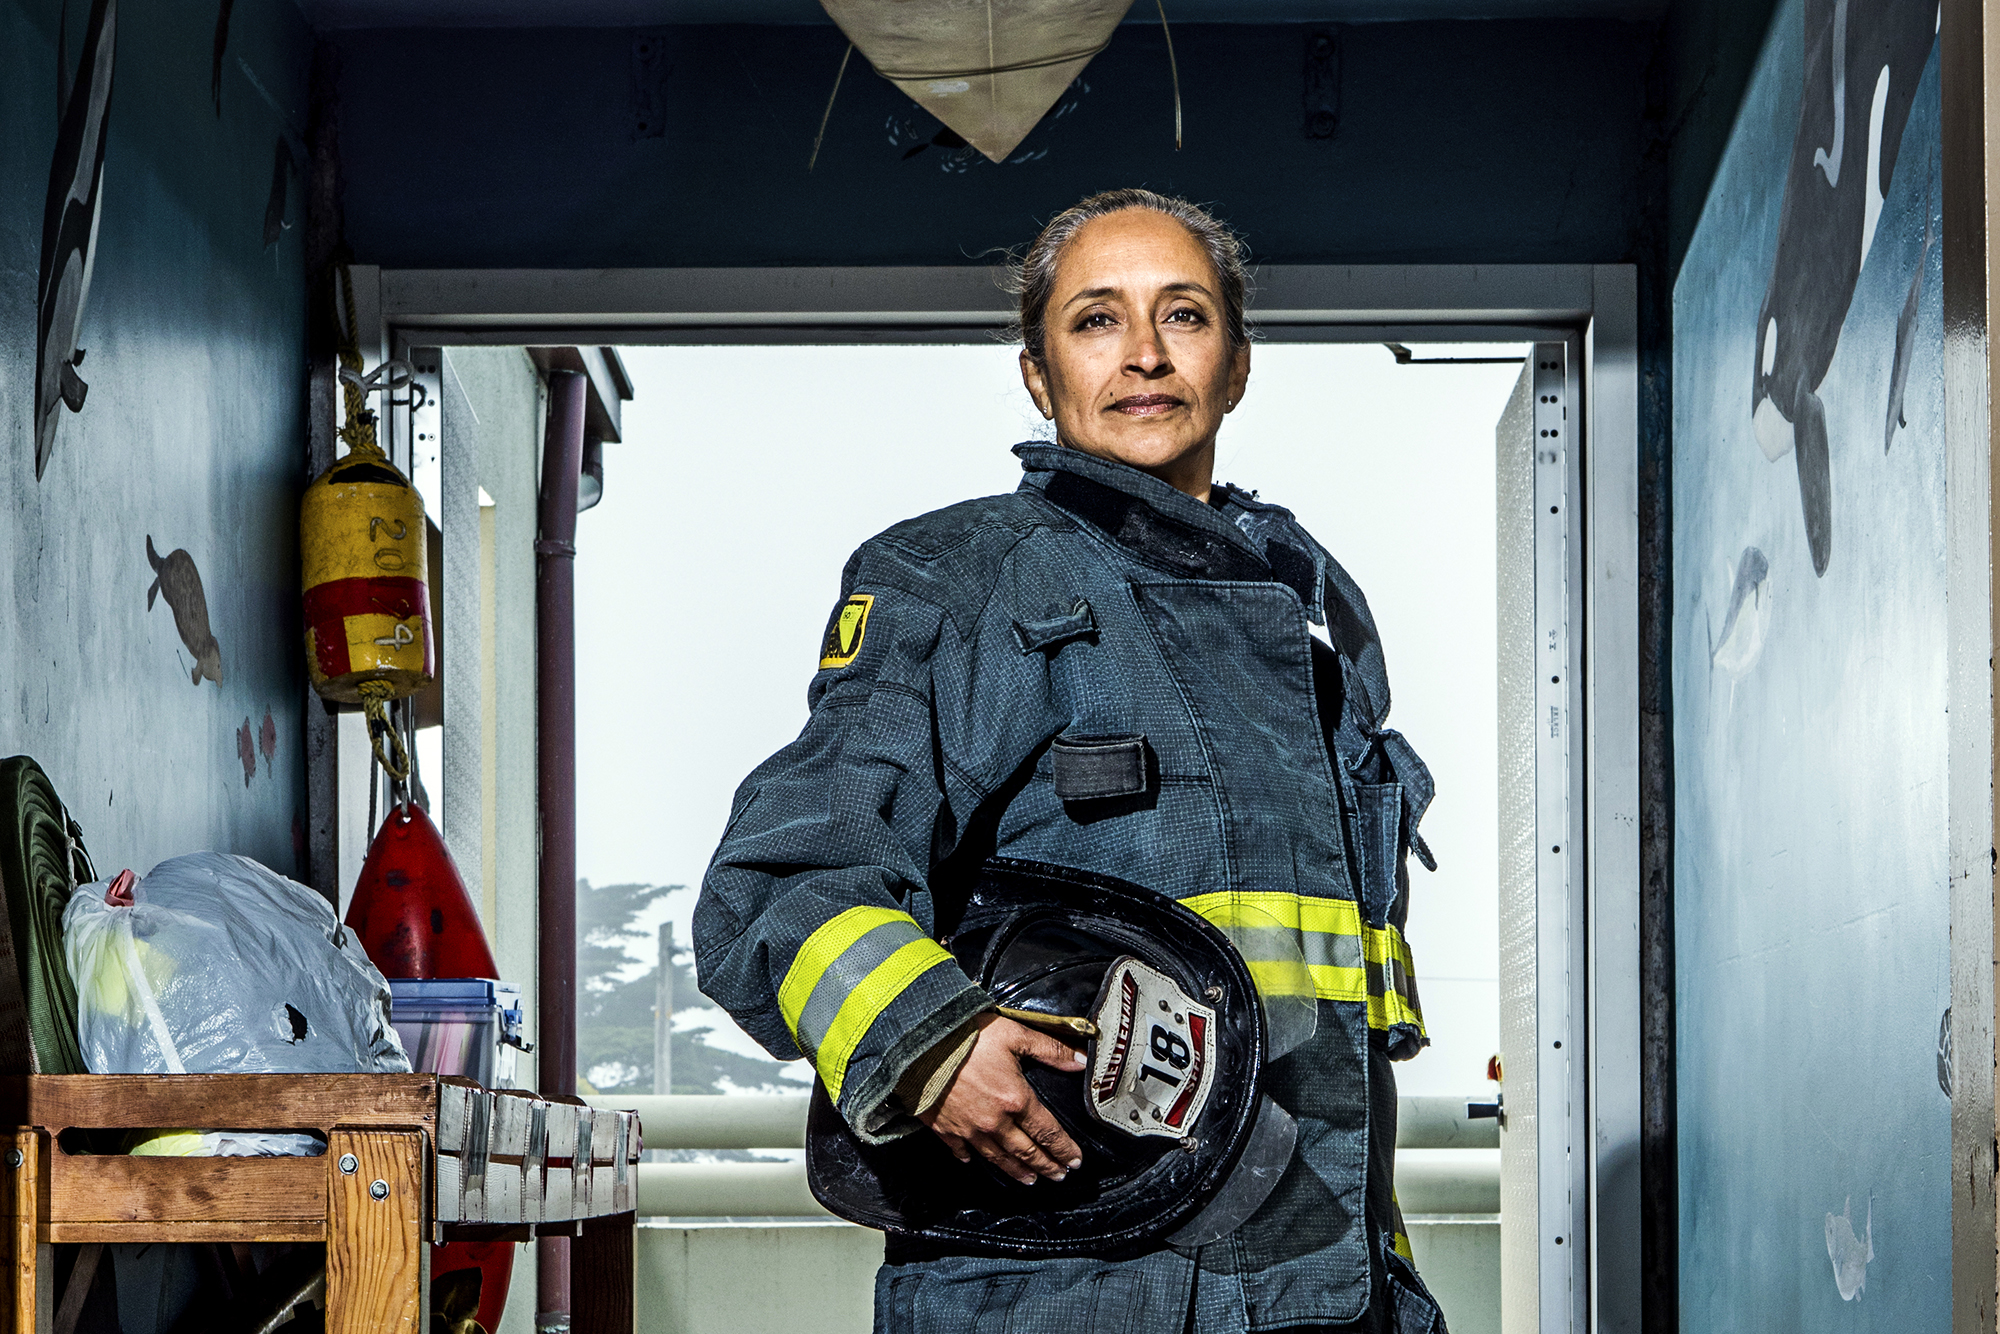 Angela Romero - Lieutenant, 19 years